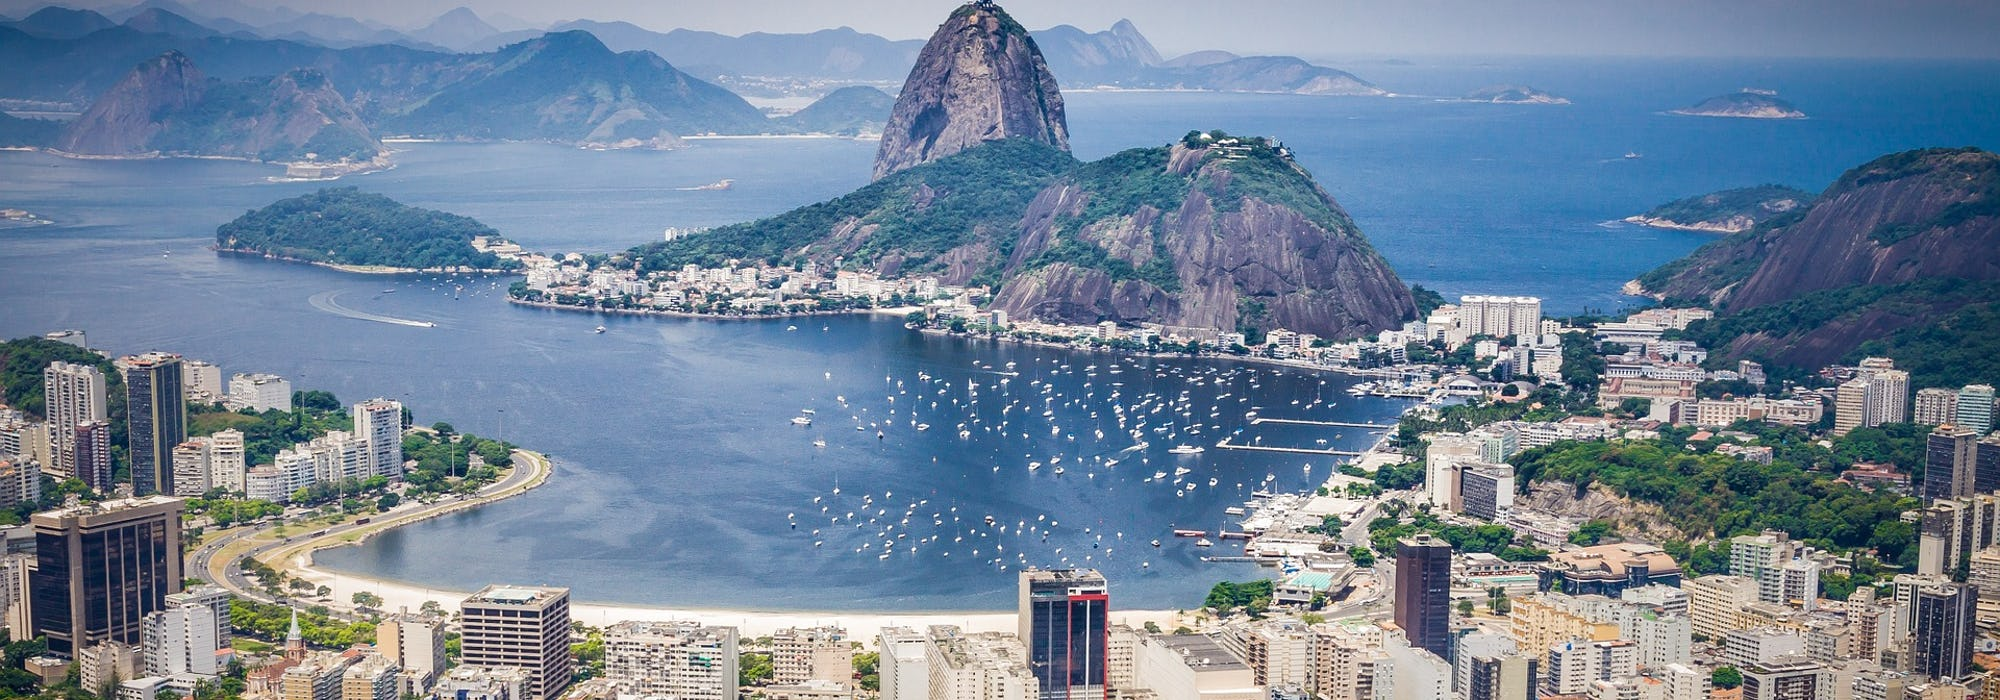 Bild ovanifrån på Rio de Janeiro i Brasilien med höga hus, stranden, berg och lagunen.